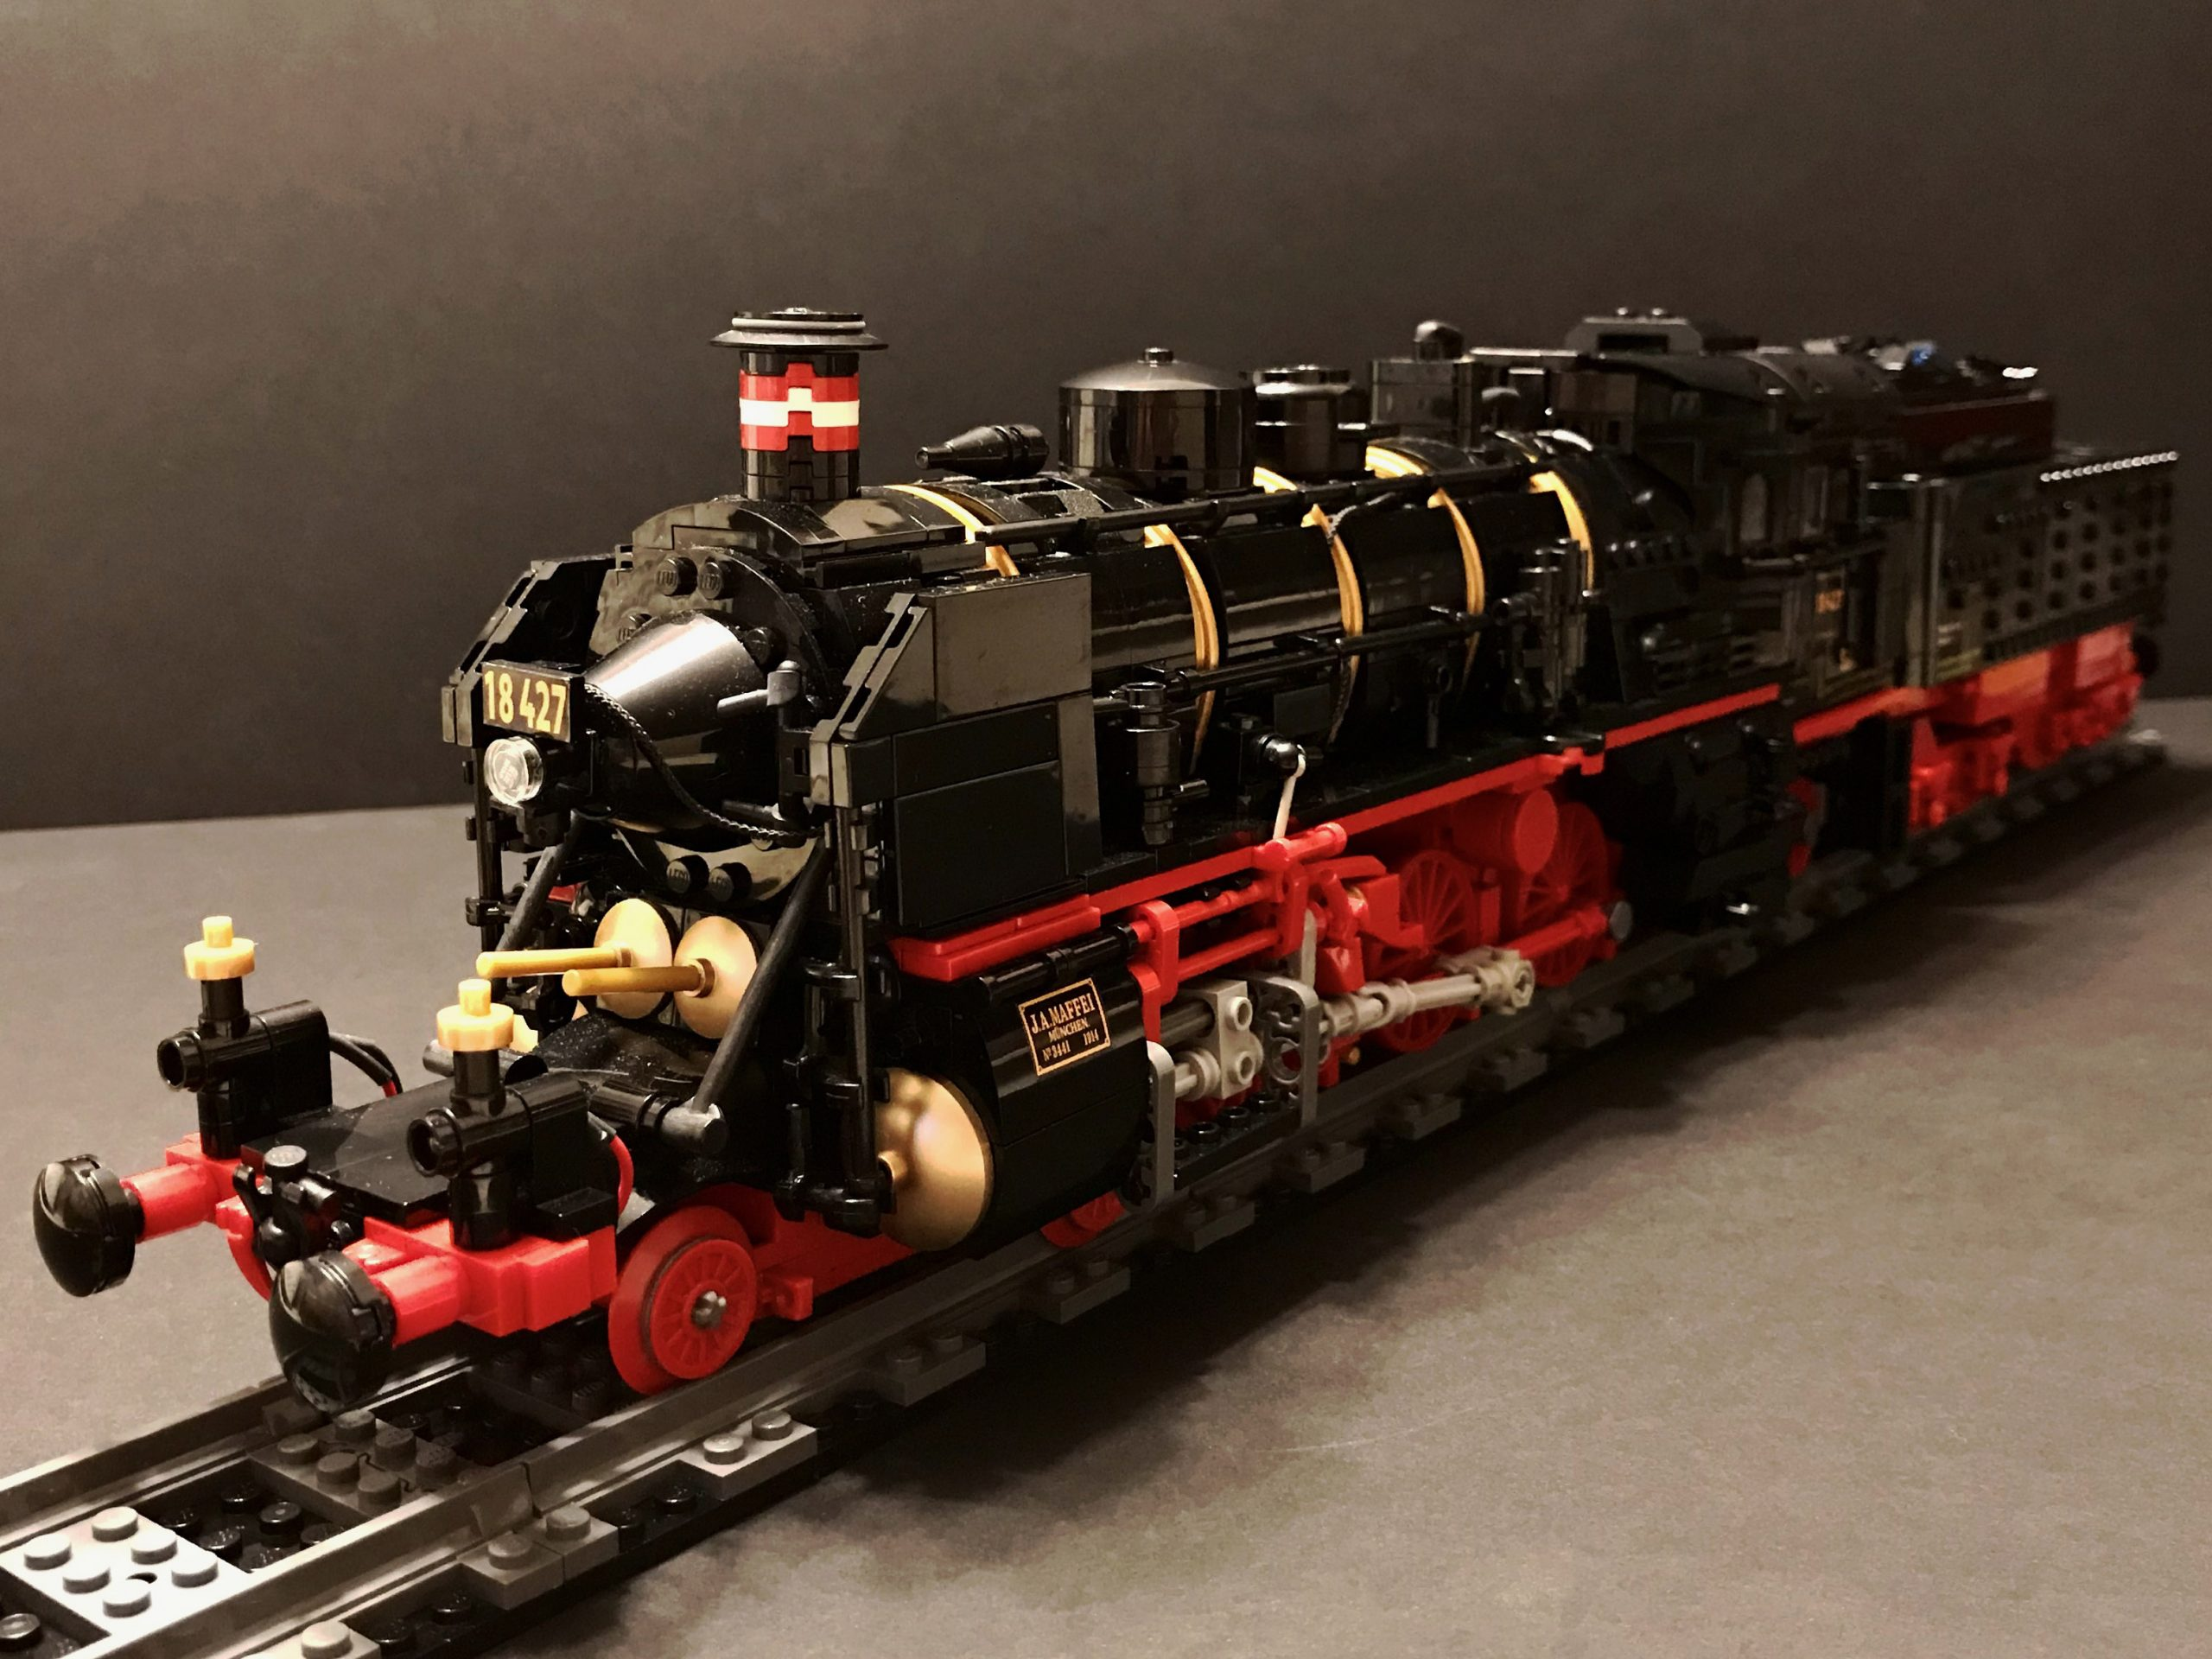 Best Steam Locomotive